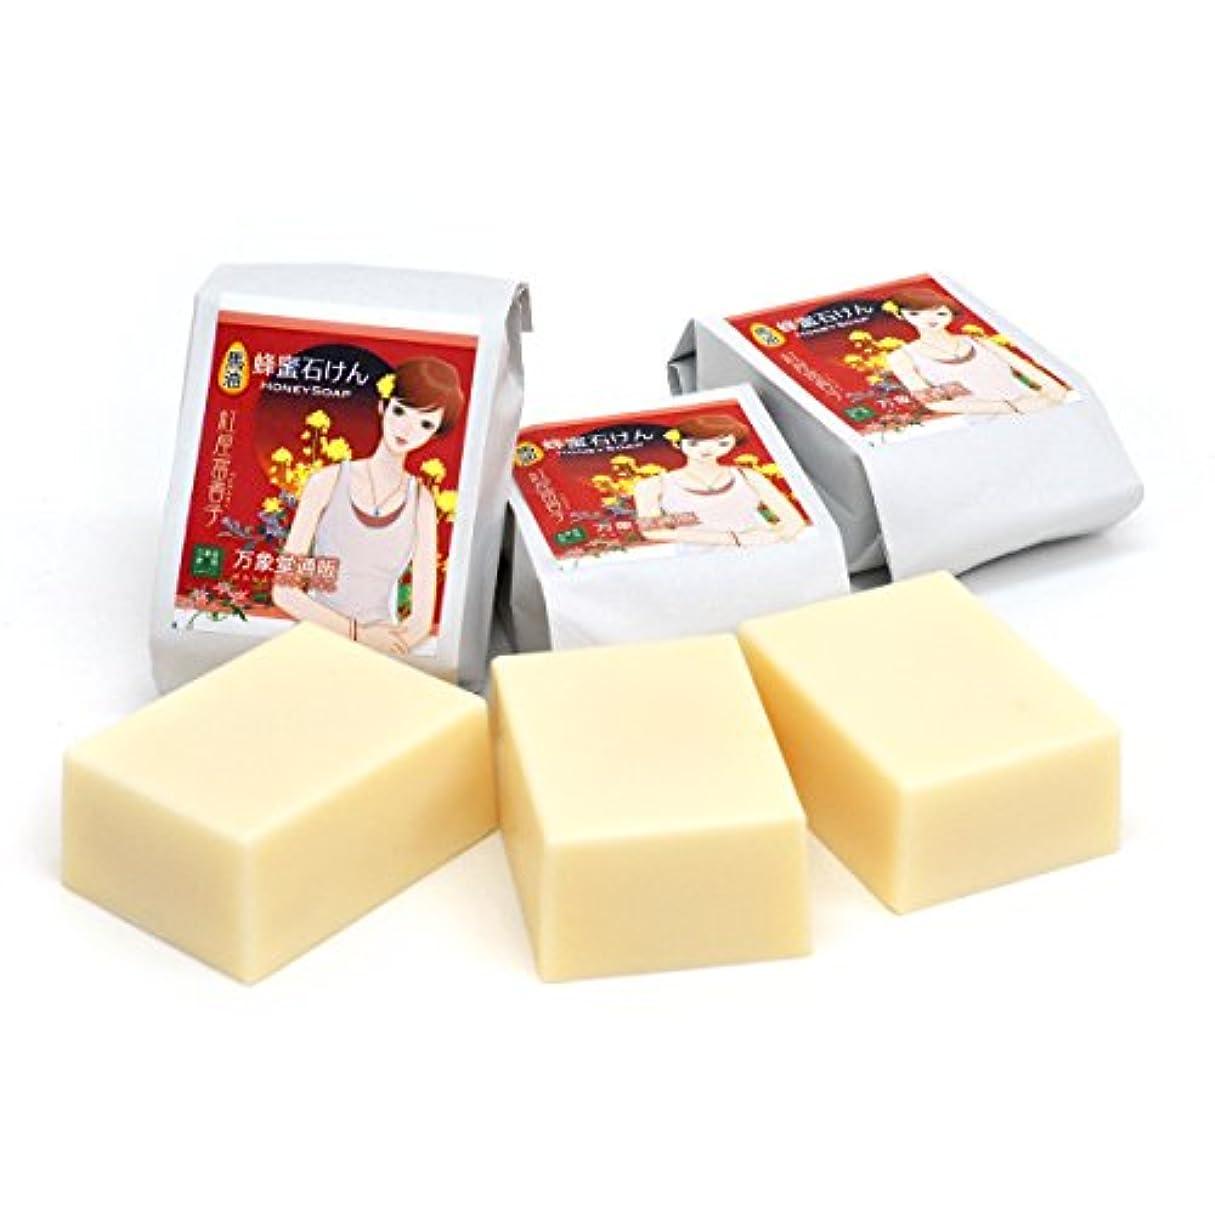 耐久ダッシュ無臭森羅万象堂 馬油石鹸 90g×3個 (国産)熊本県産 国産蜂蜜配合